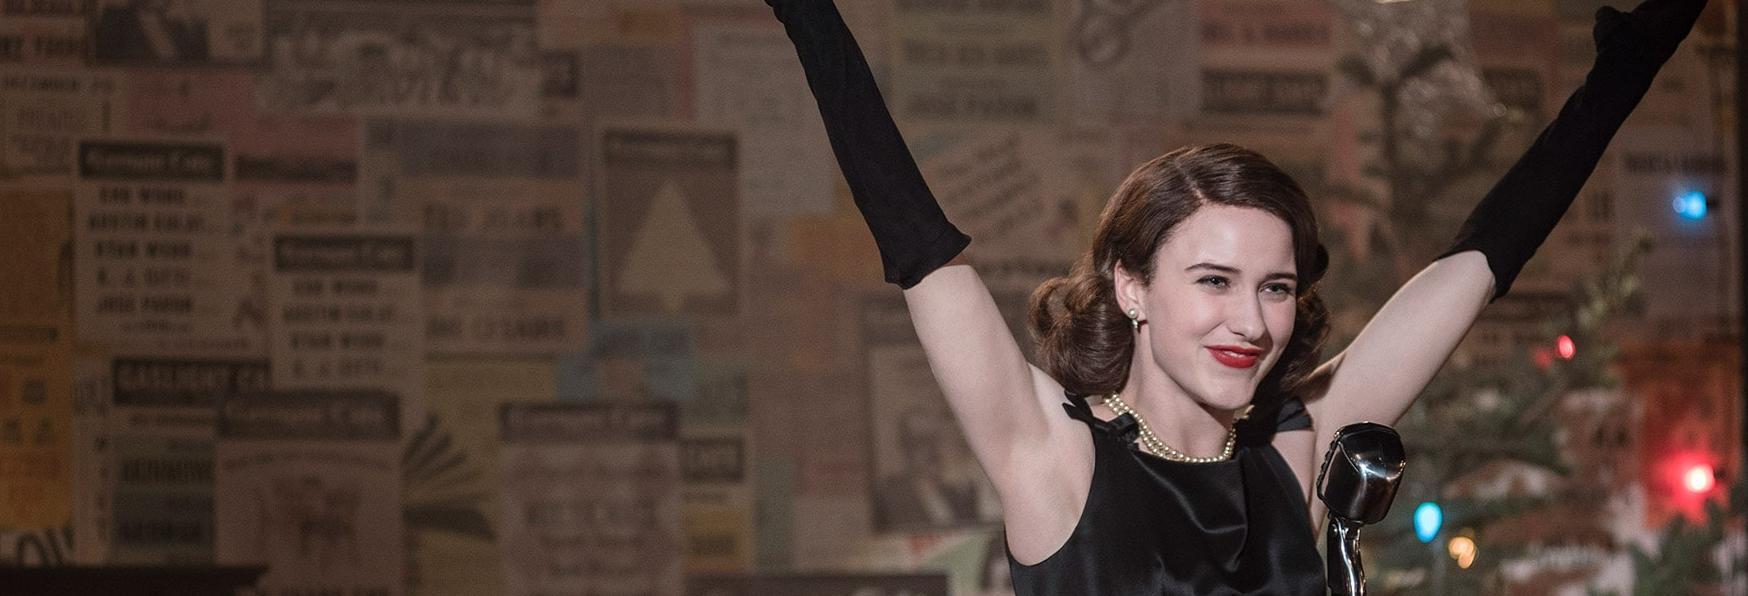 The Marvelous Mrs. Maisel 2: torna a dicembre! Il trailer della seconda stagione